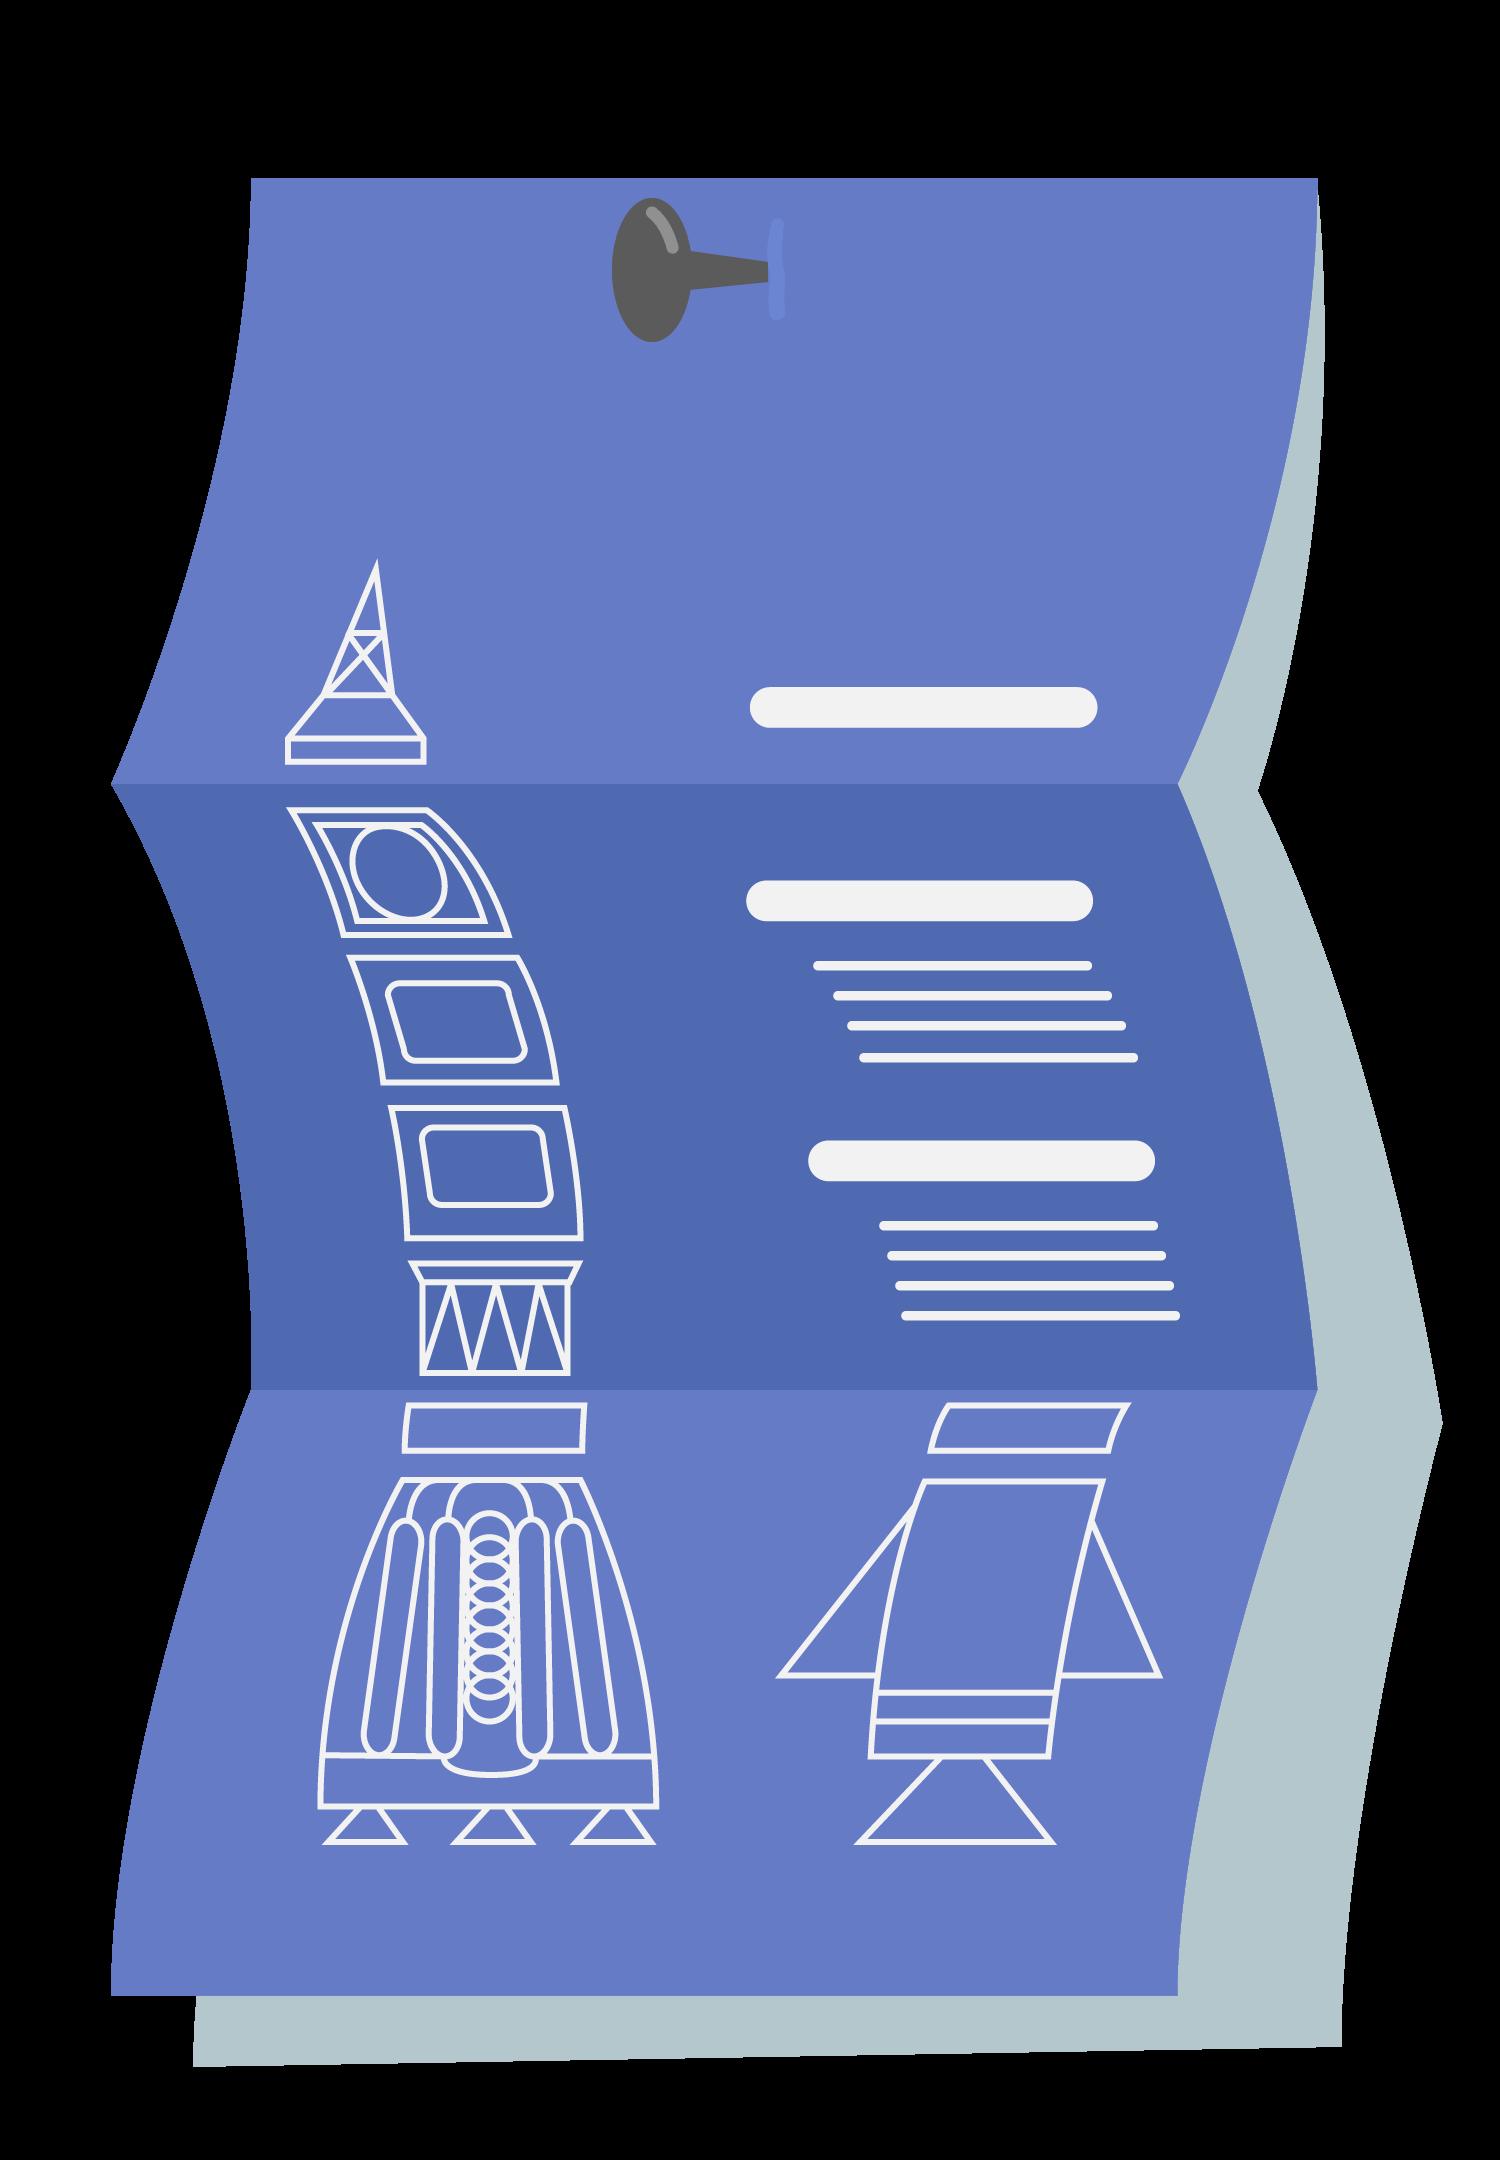 Blaupause der Projektrakete - Das Sinnbild der Mobile Software AG für den Aufbau von Projekten